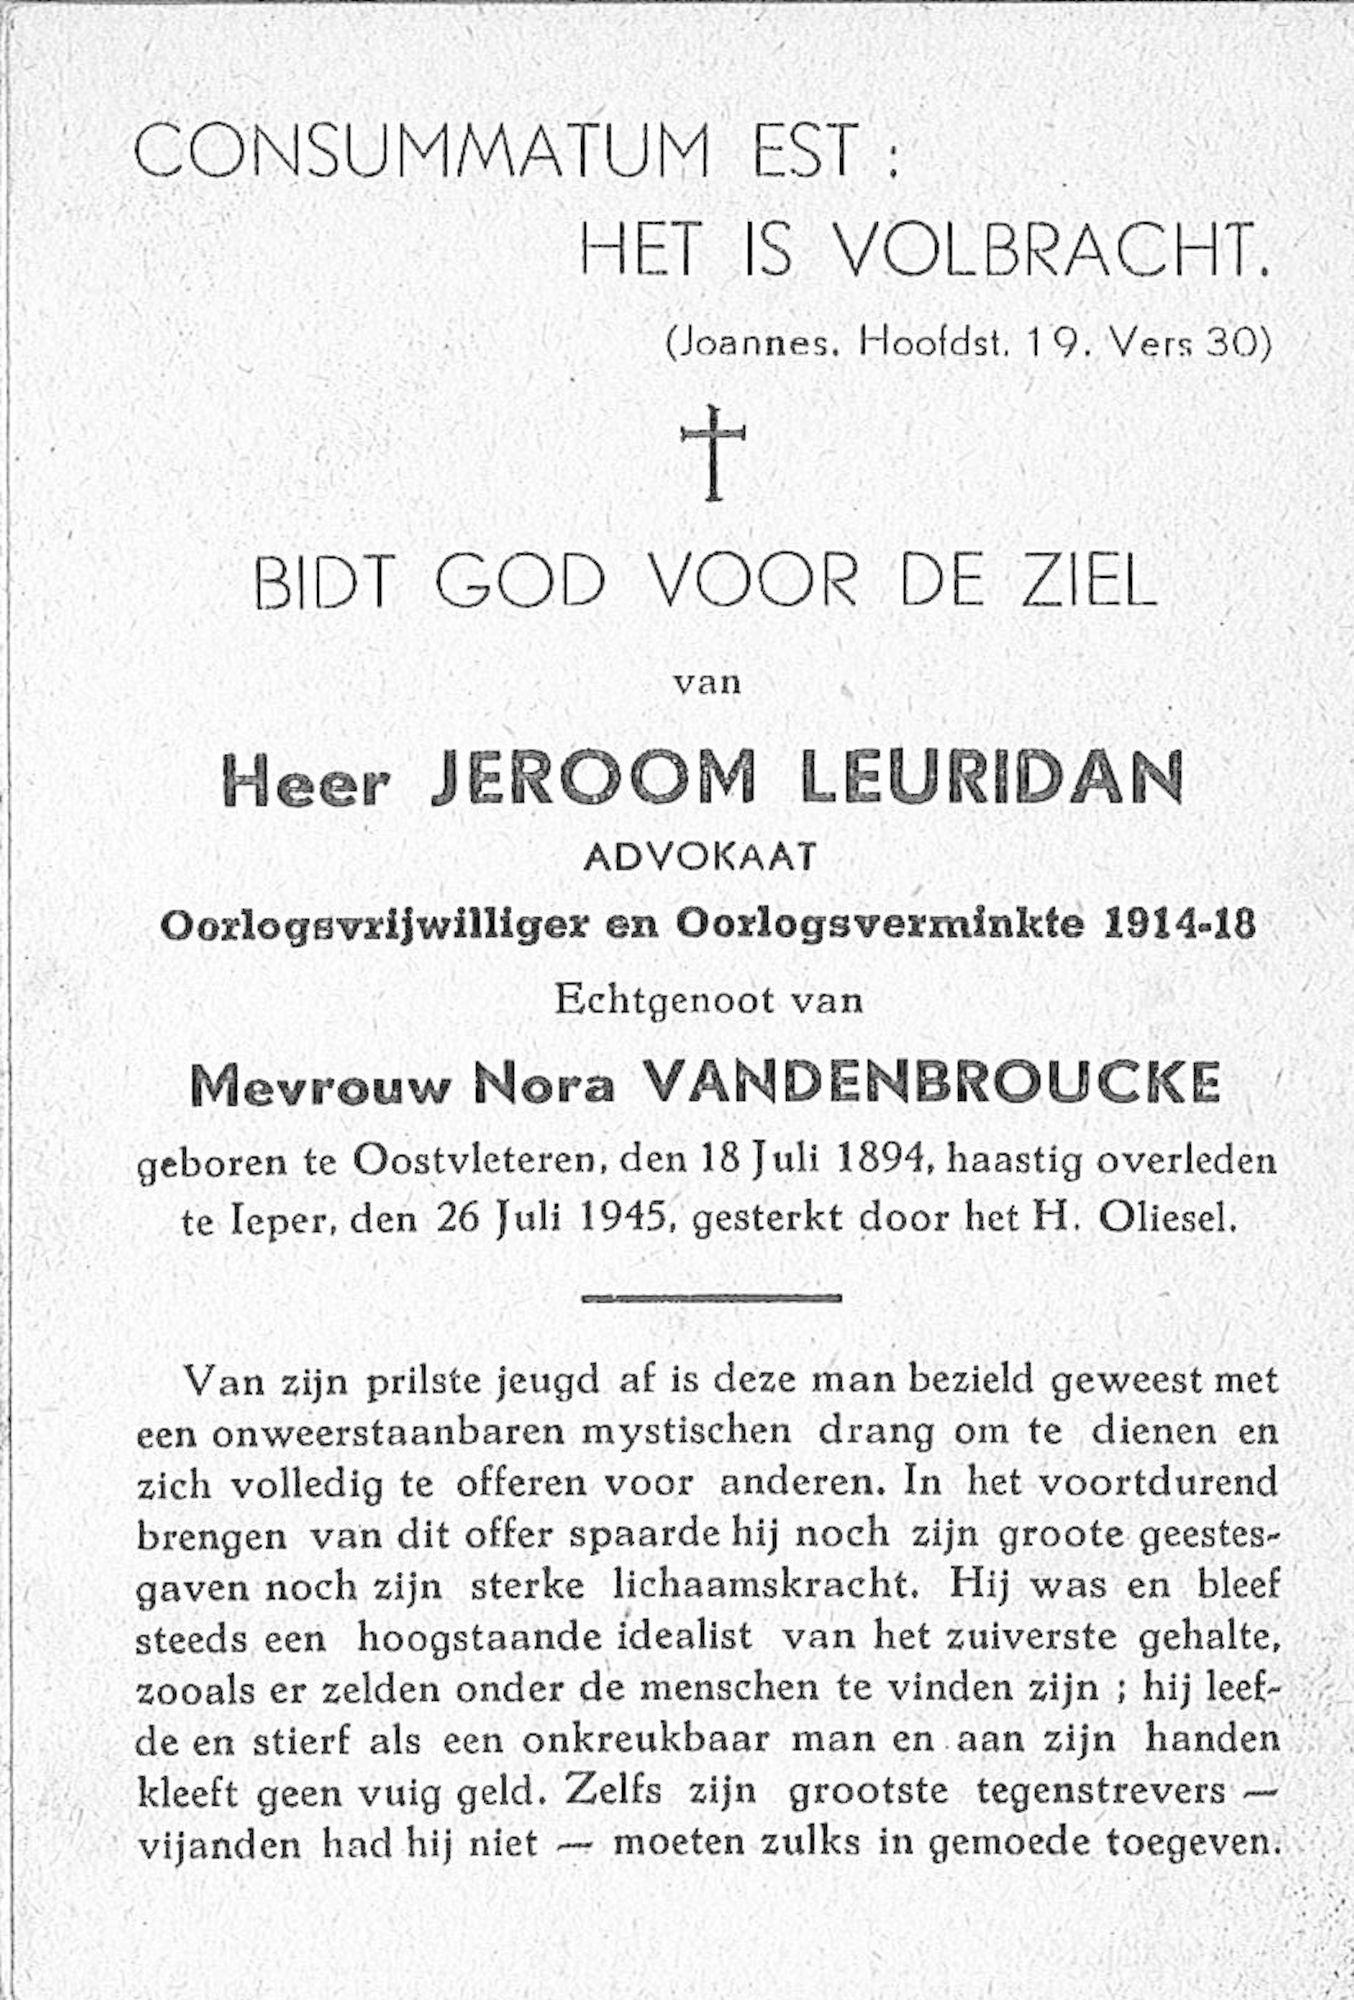 Jeroom Leuridan